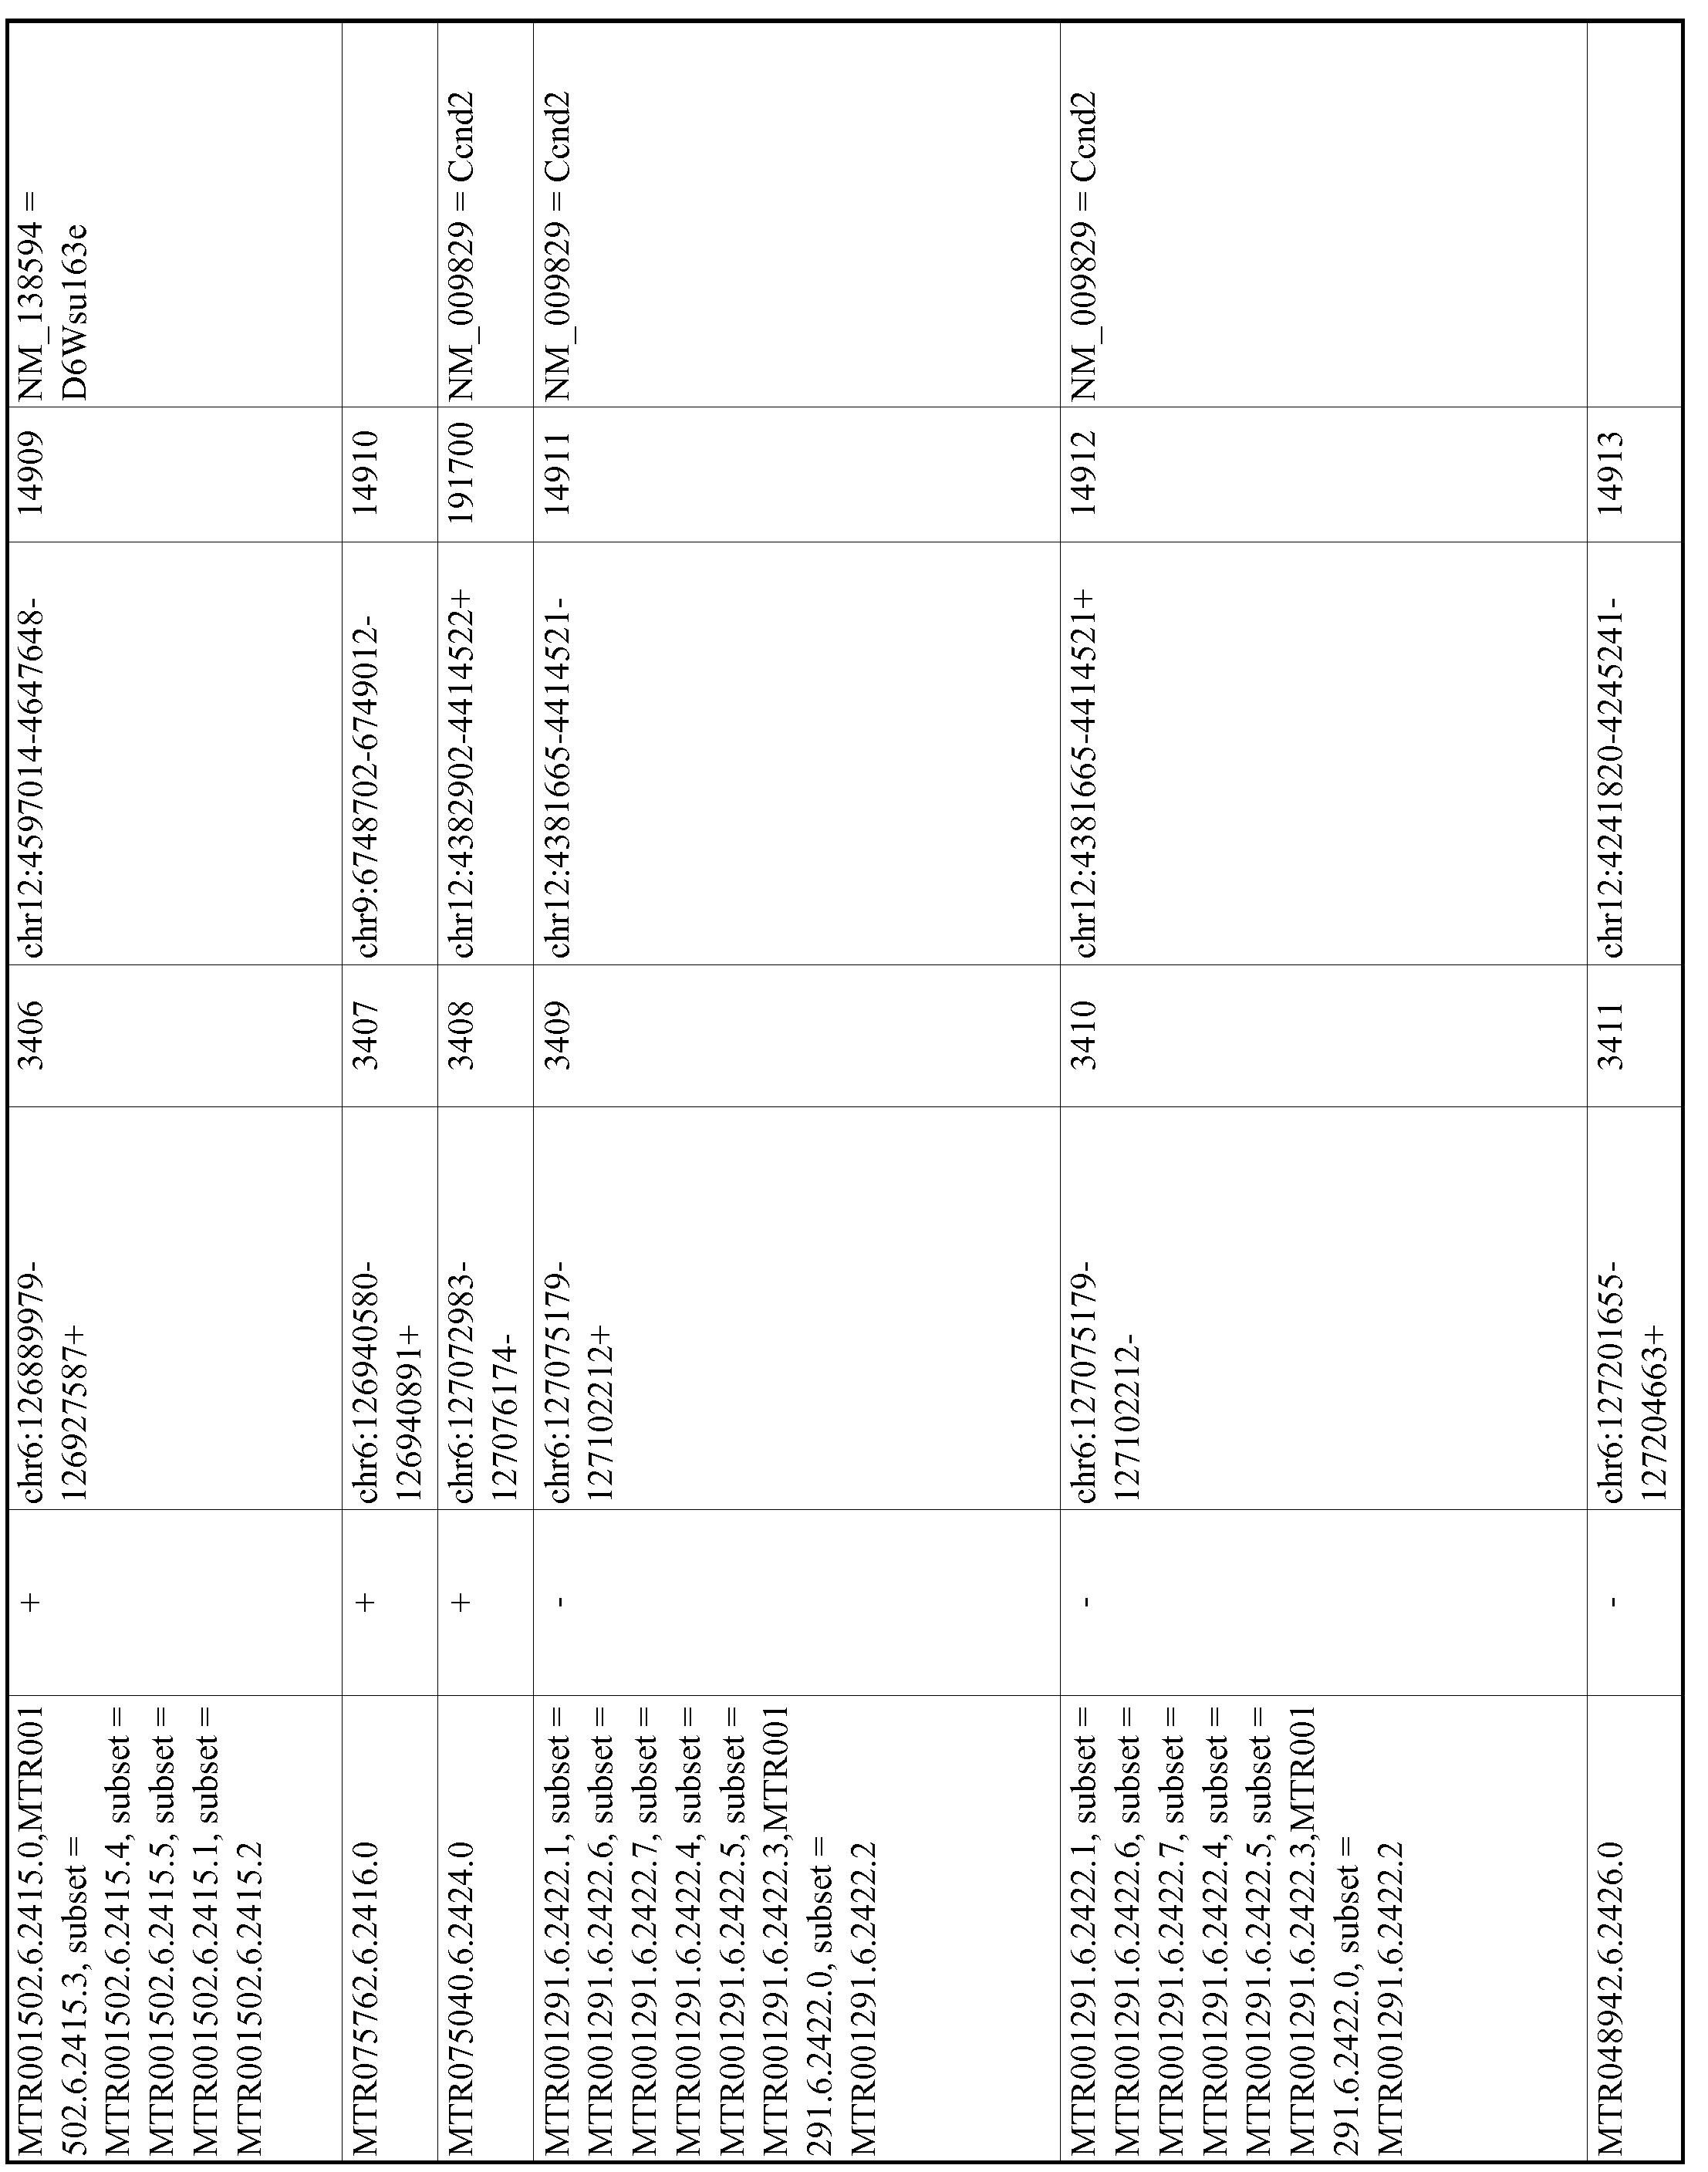 Figure imgf000675_0001